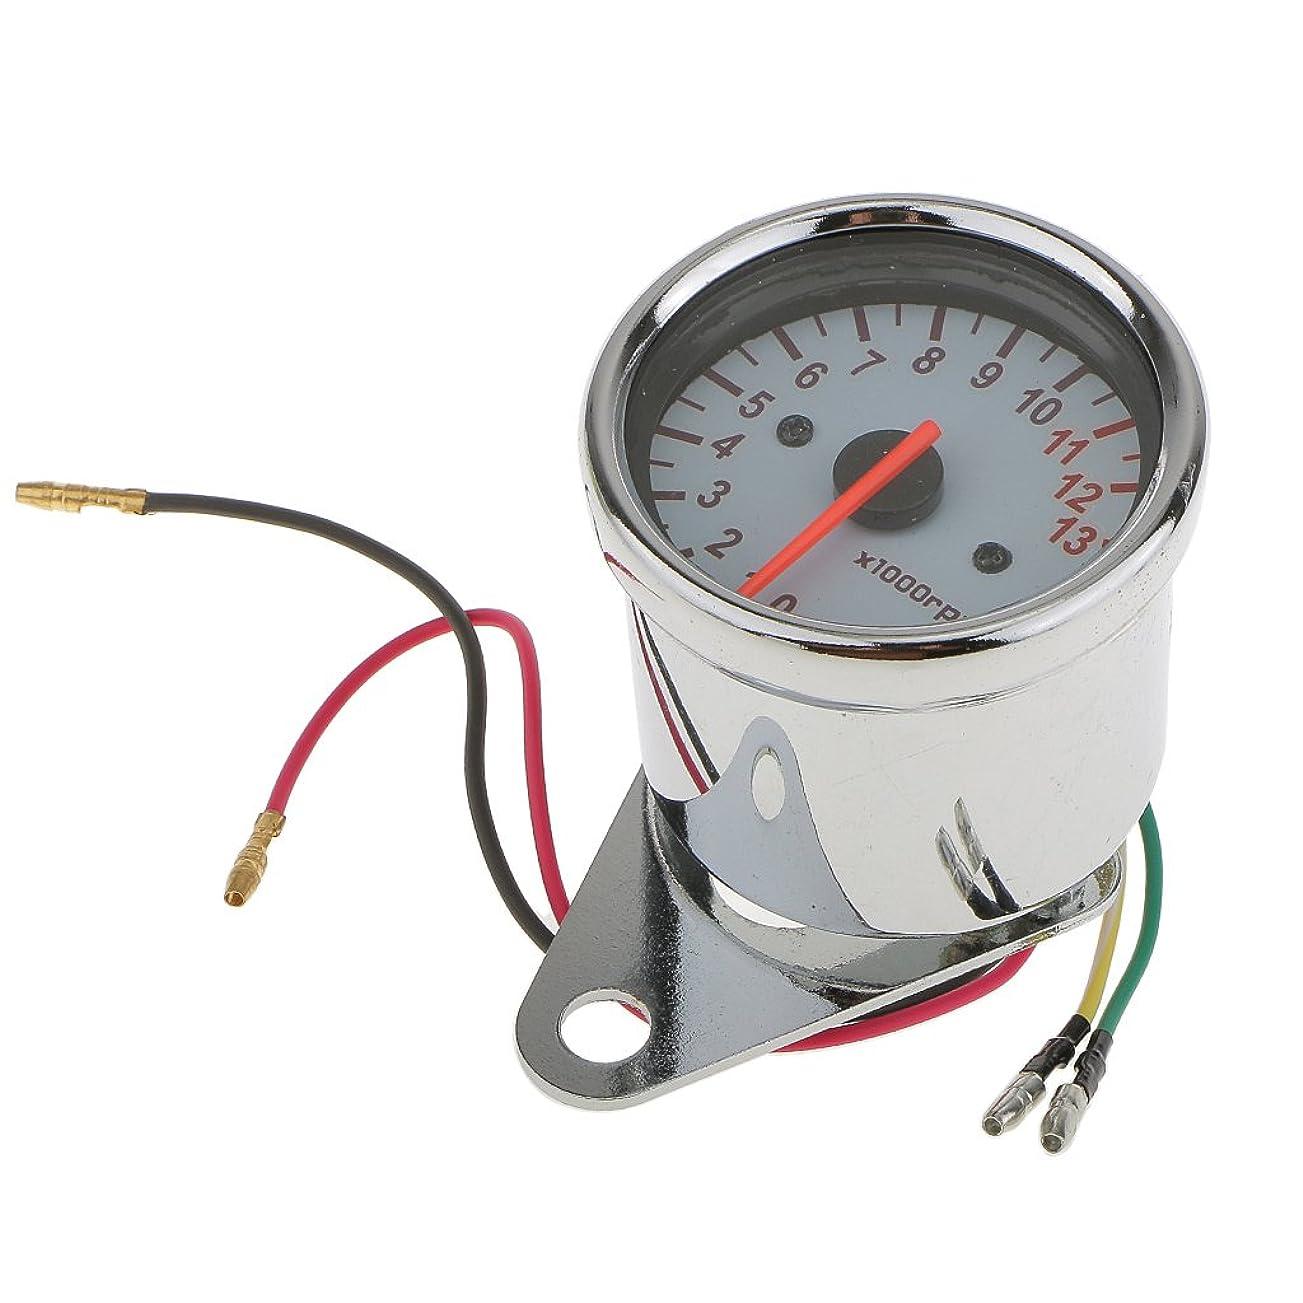 病んでいるドライブ飼い慣らすKOSO バイク用防水コンパクトデジタルタコメーター (ピークホールド機能内蔵)電気式 Mini4-RPM